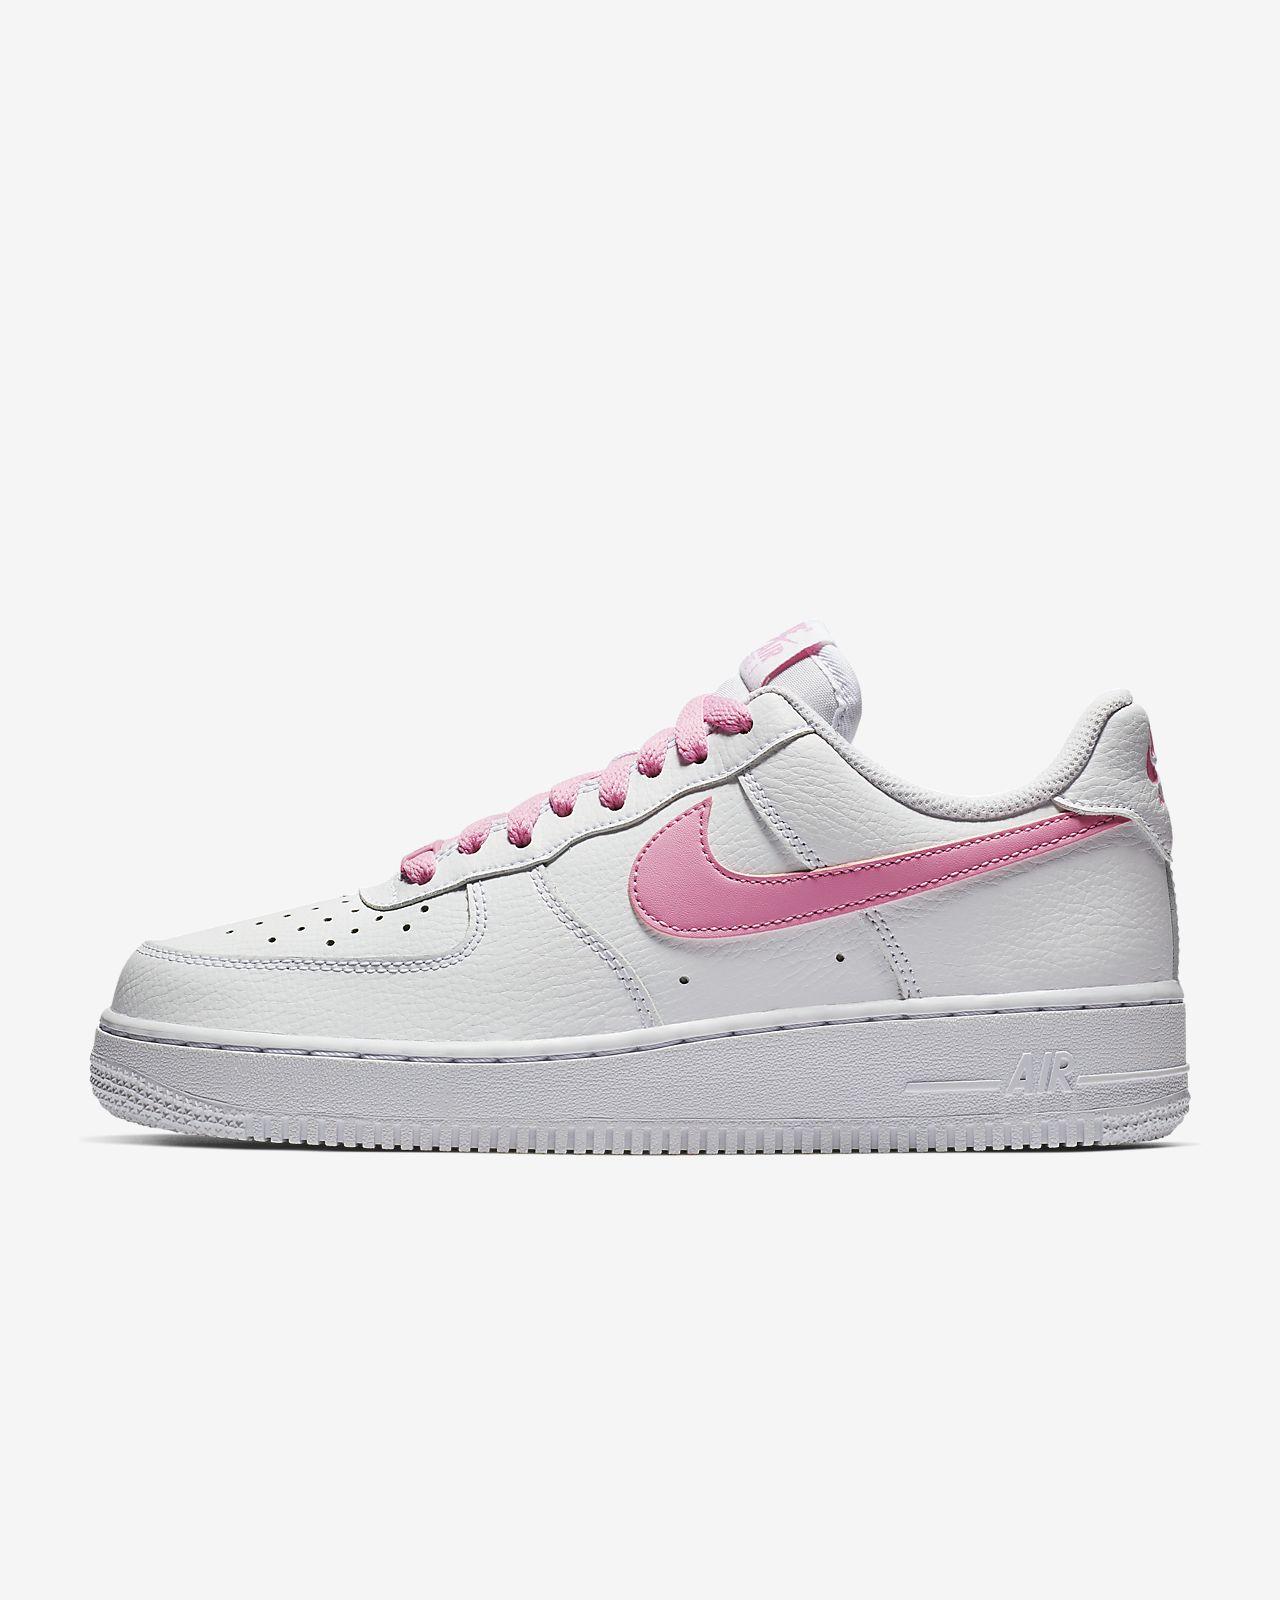 separation shoes 07e91 d507c ... Chaussure Nike Air Force 1 07 Essential pour Femme